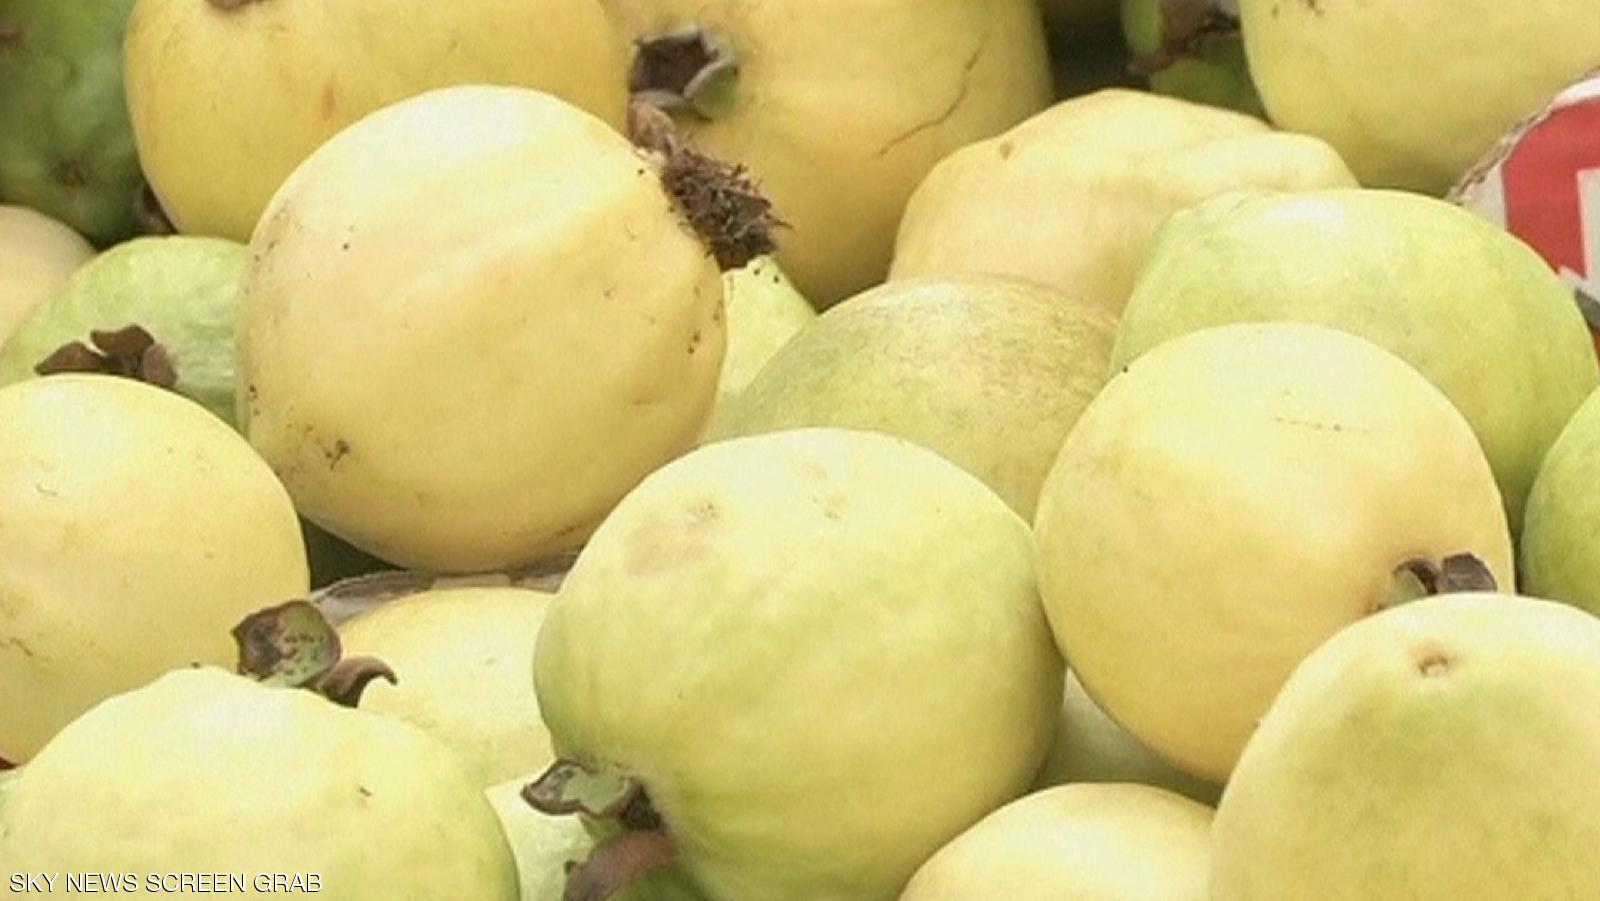 صورة عزيزي المزارع تعرف على أهم المعاملات الزراعية لشهر نوفمبر لمحصول الجوافة